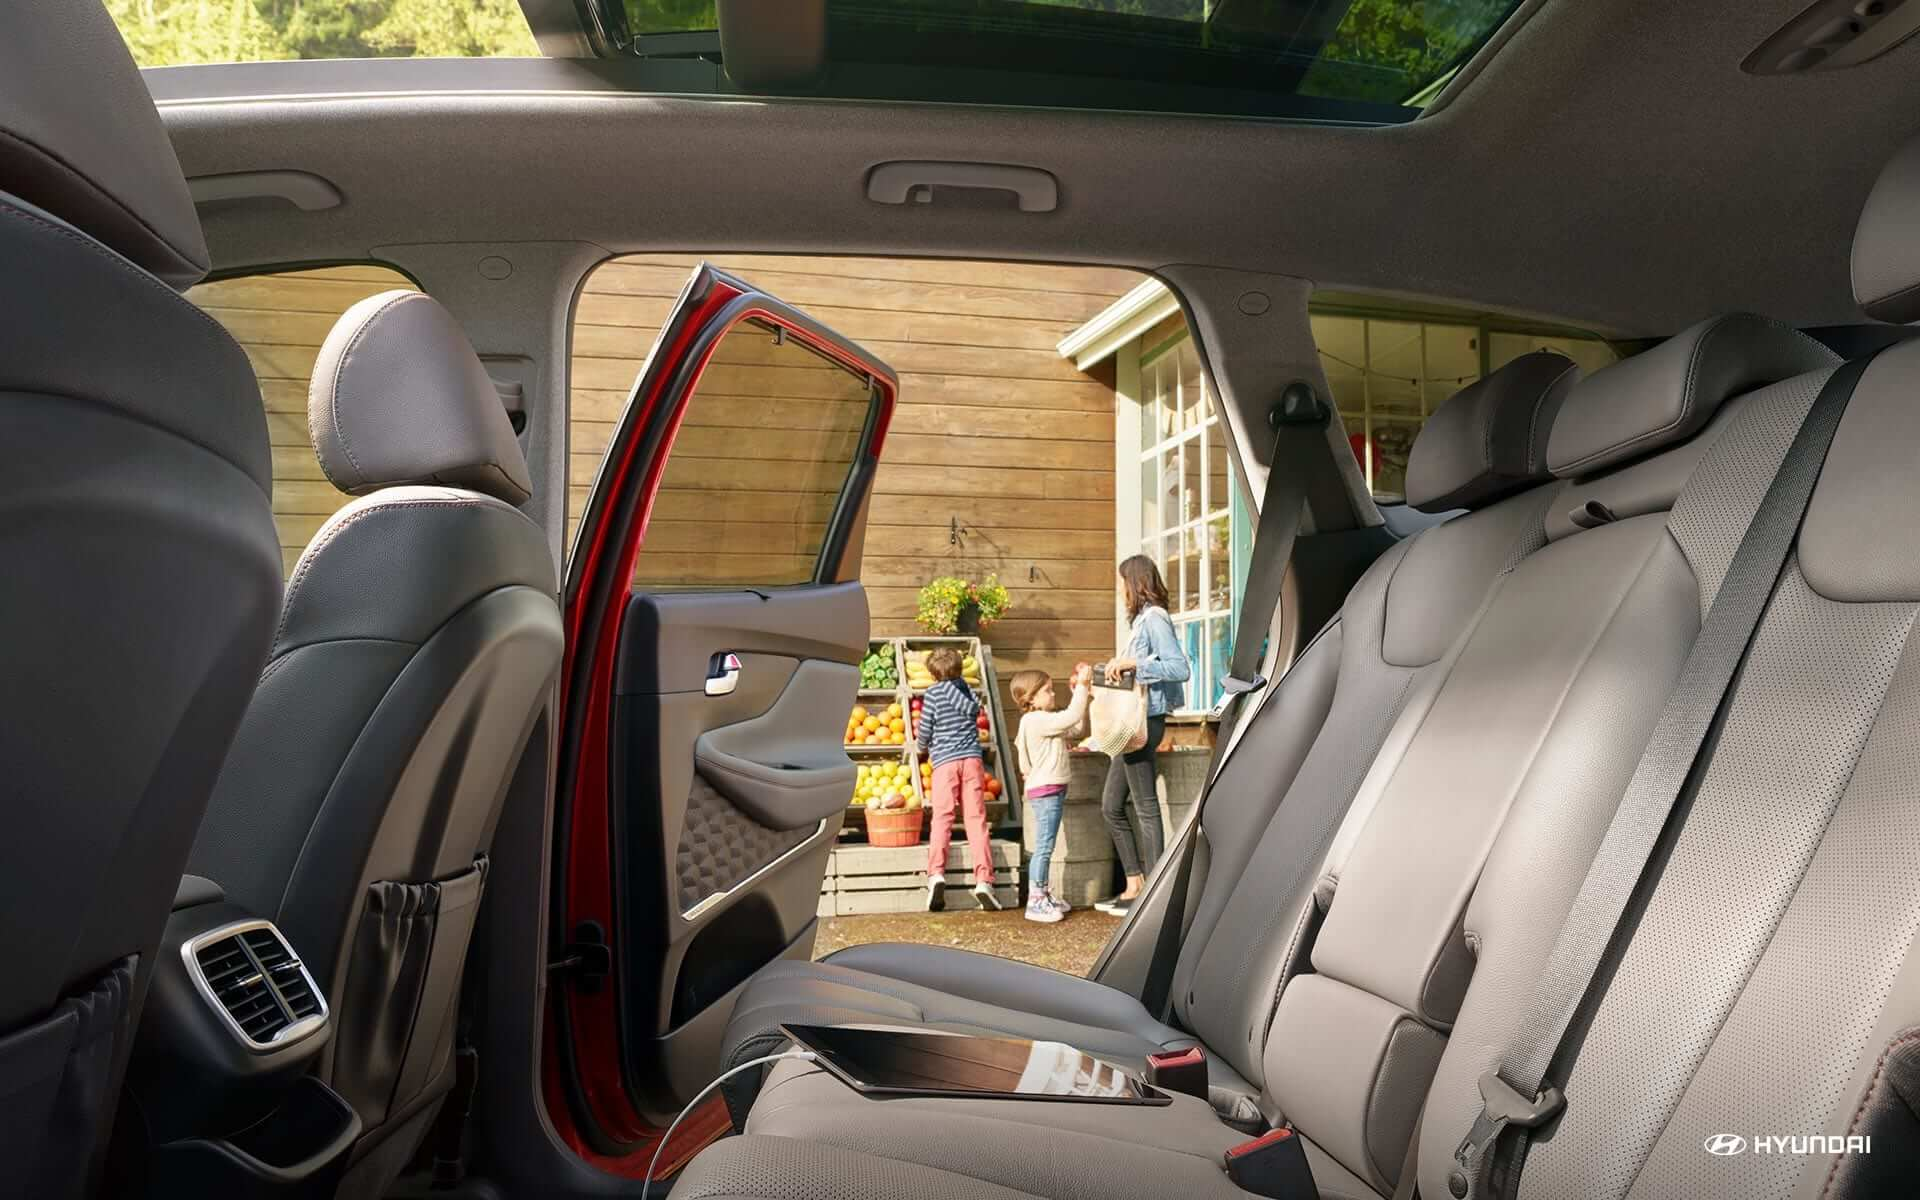 Hyundai 2019 Santa Fe interior